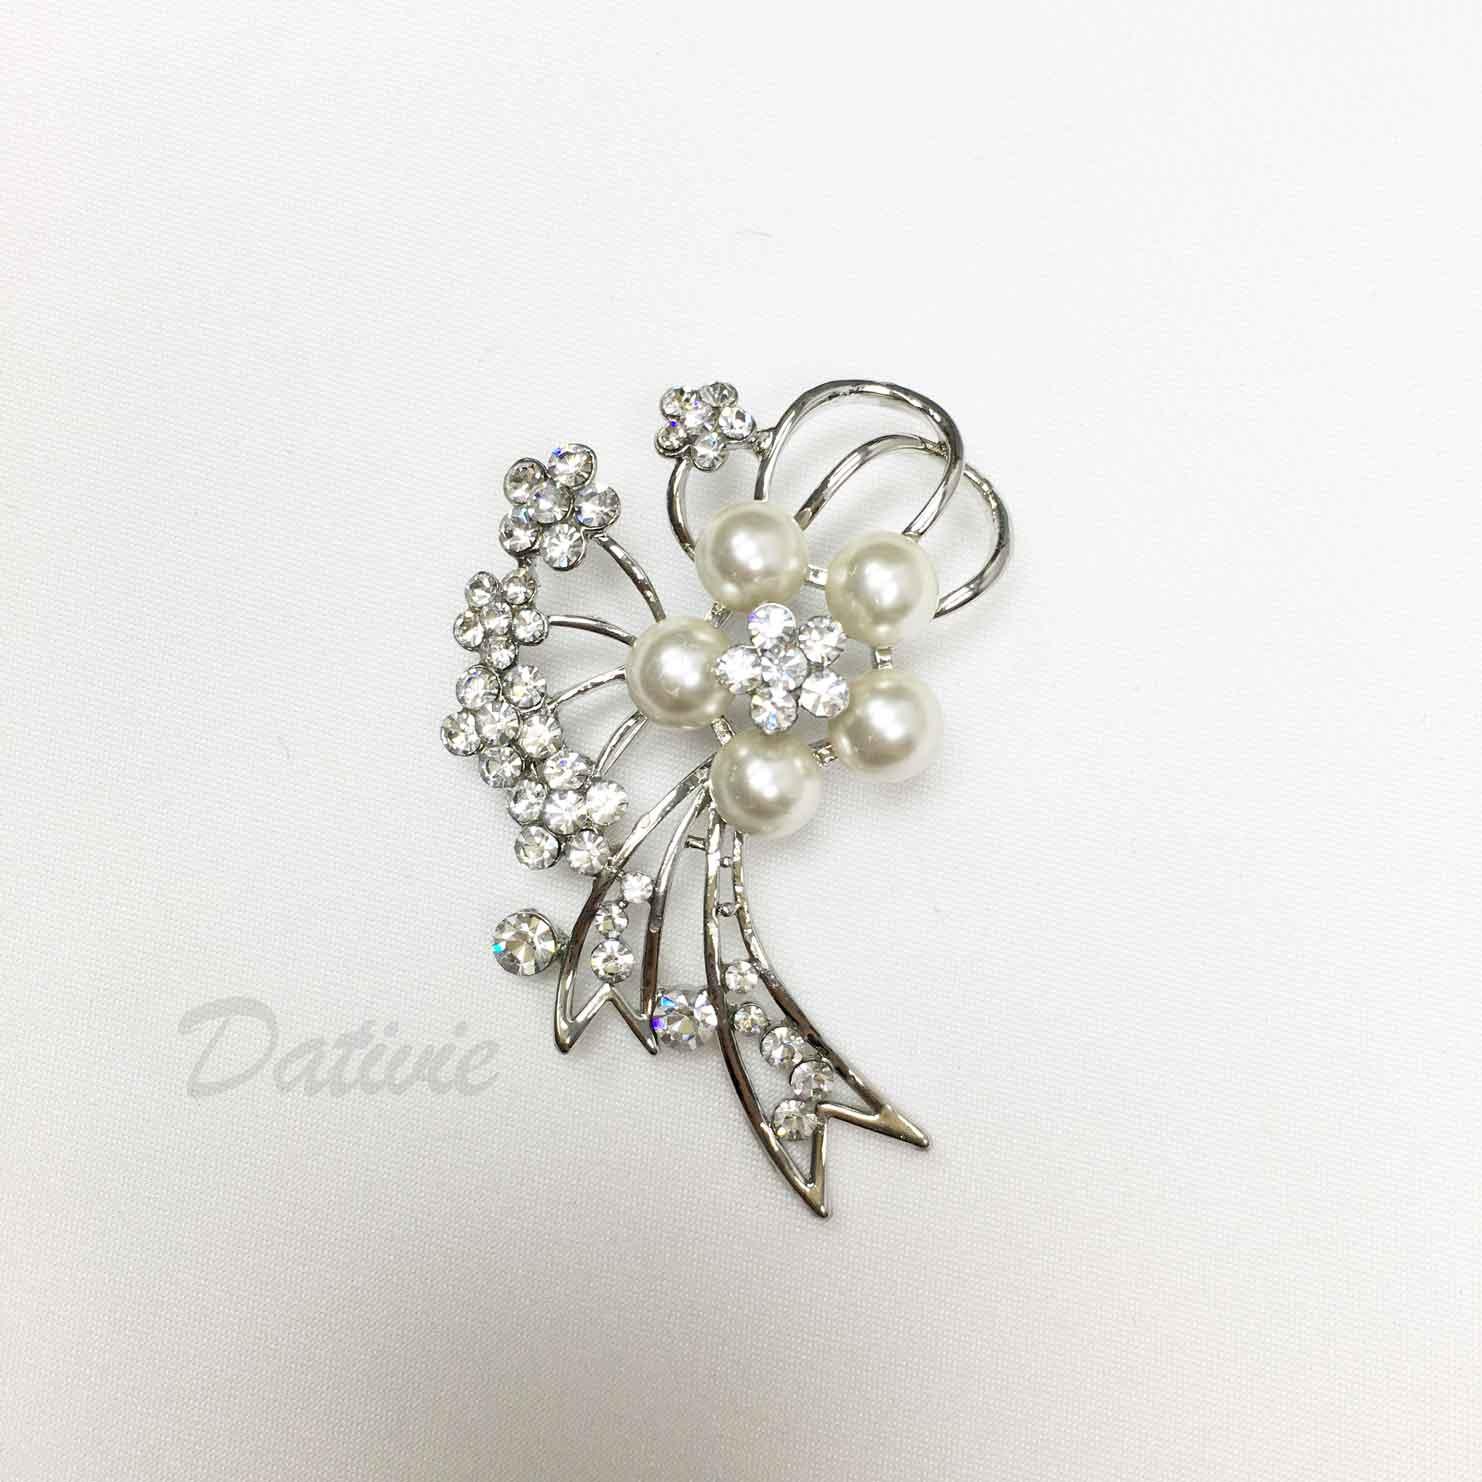 珍珠 水鑽 小花朵 緞帶 單個 胸針